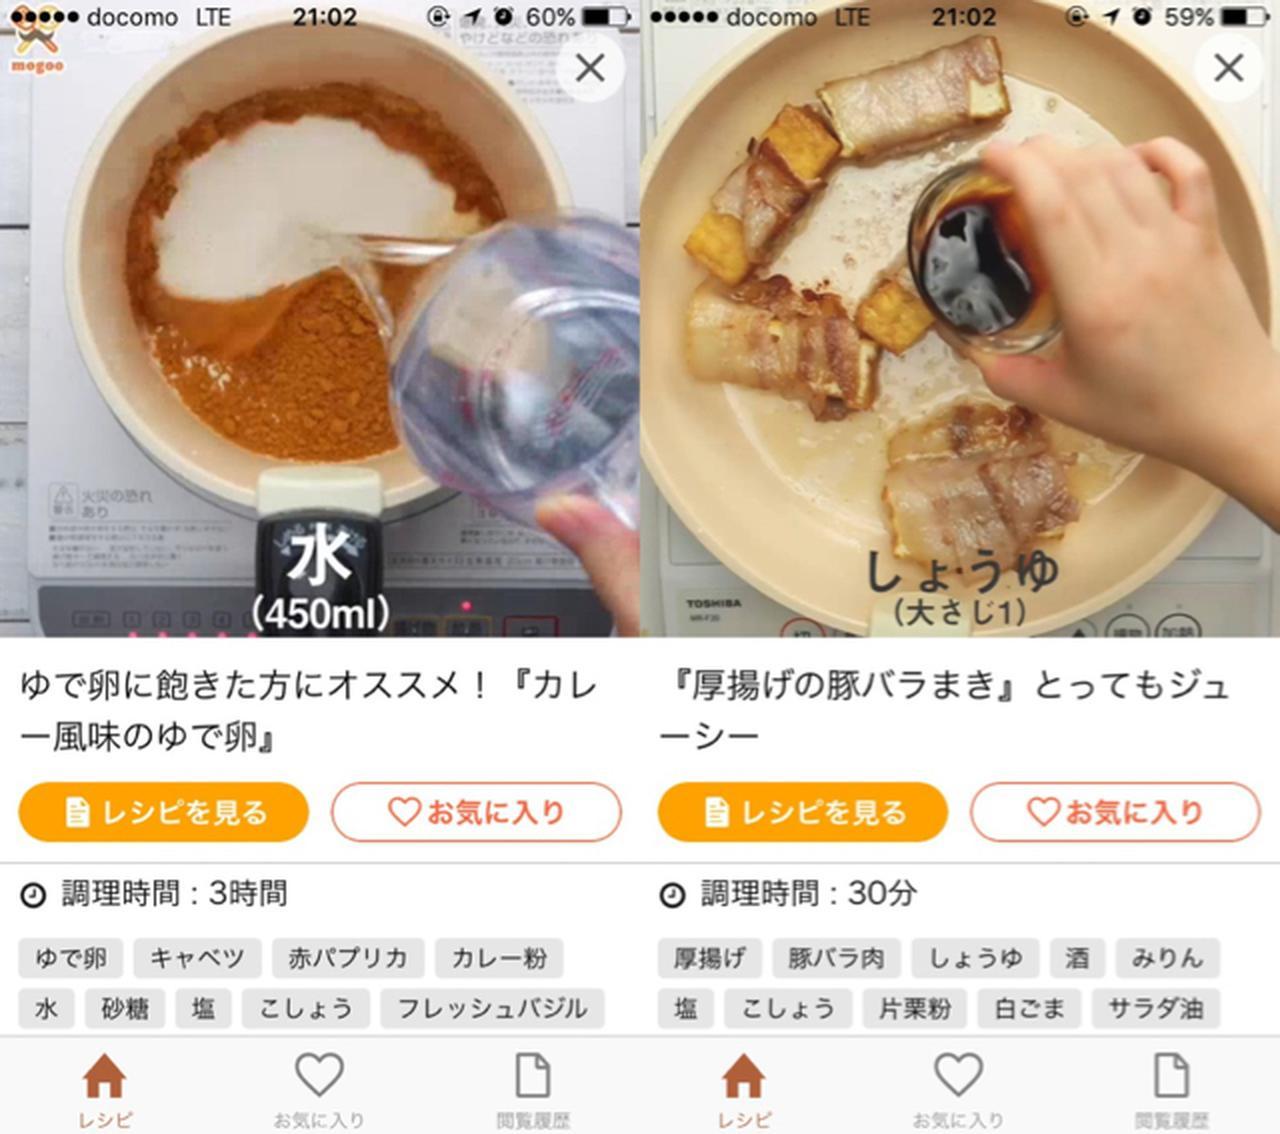 画像: 『mogoo [もぐー] - 無料の料理レシピ動画アプリ』 - Fun Fun Fun Club - デジタル・ライフスタイルマガジン